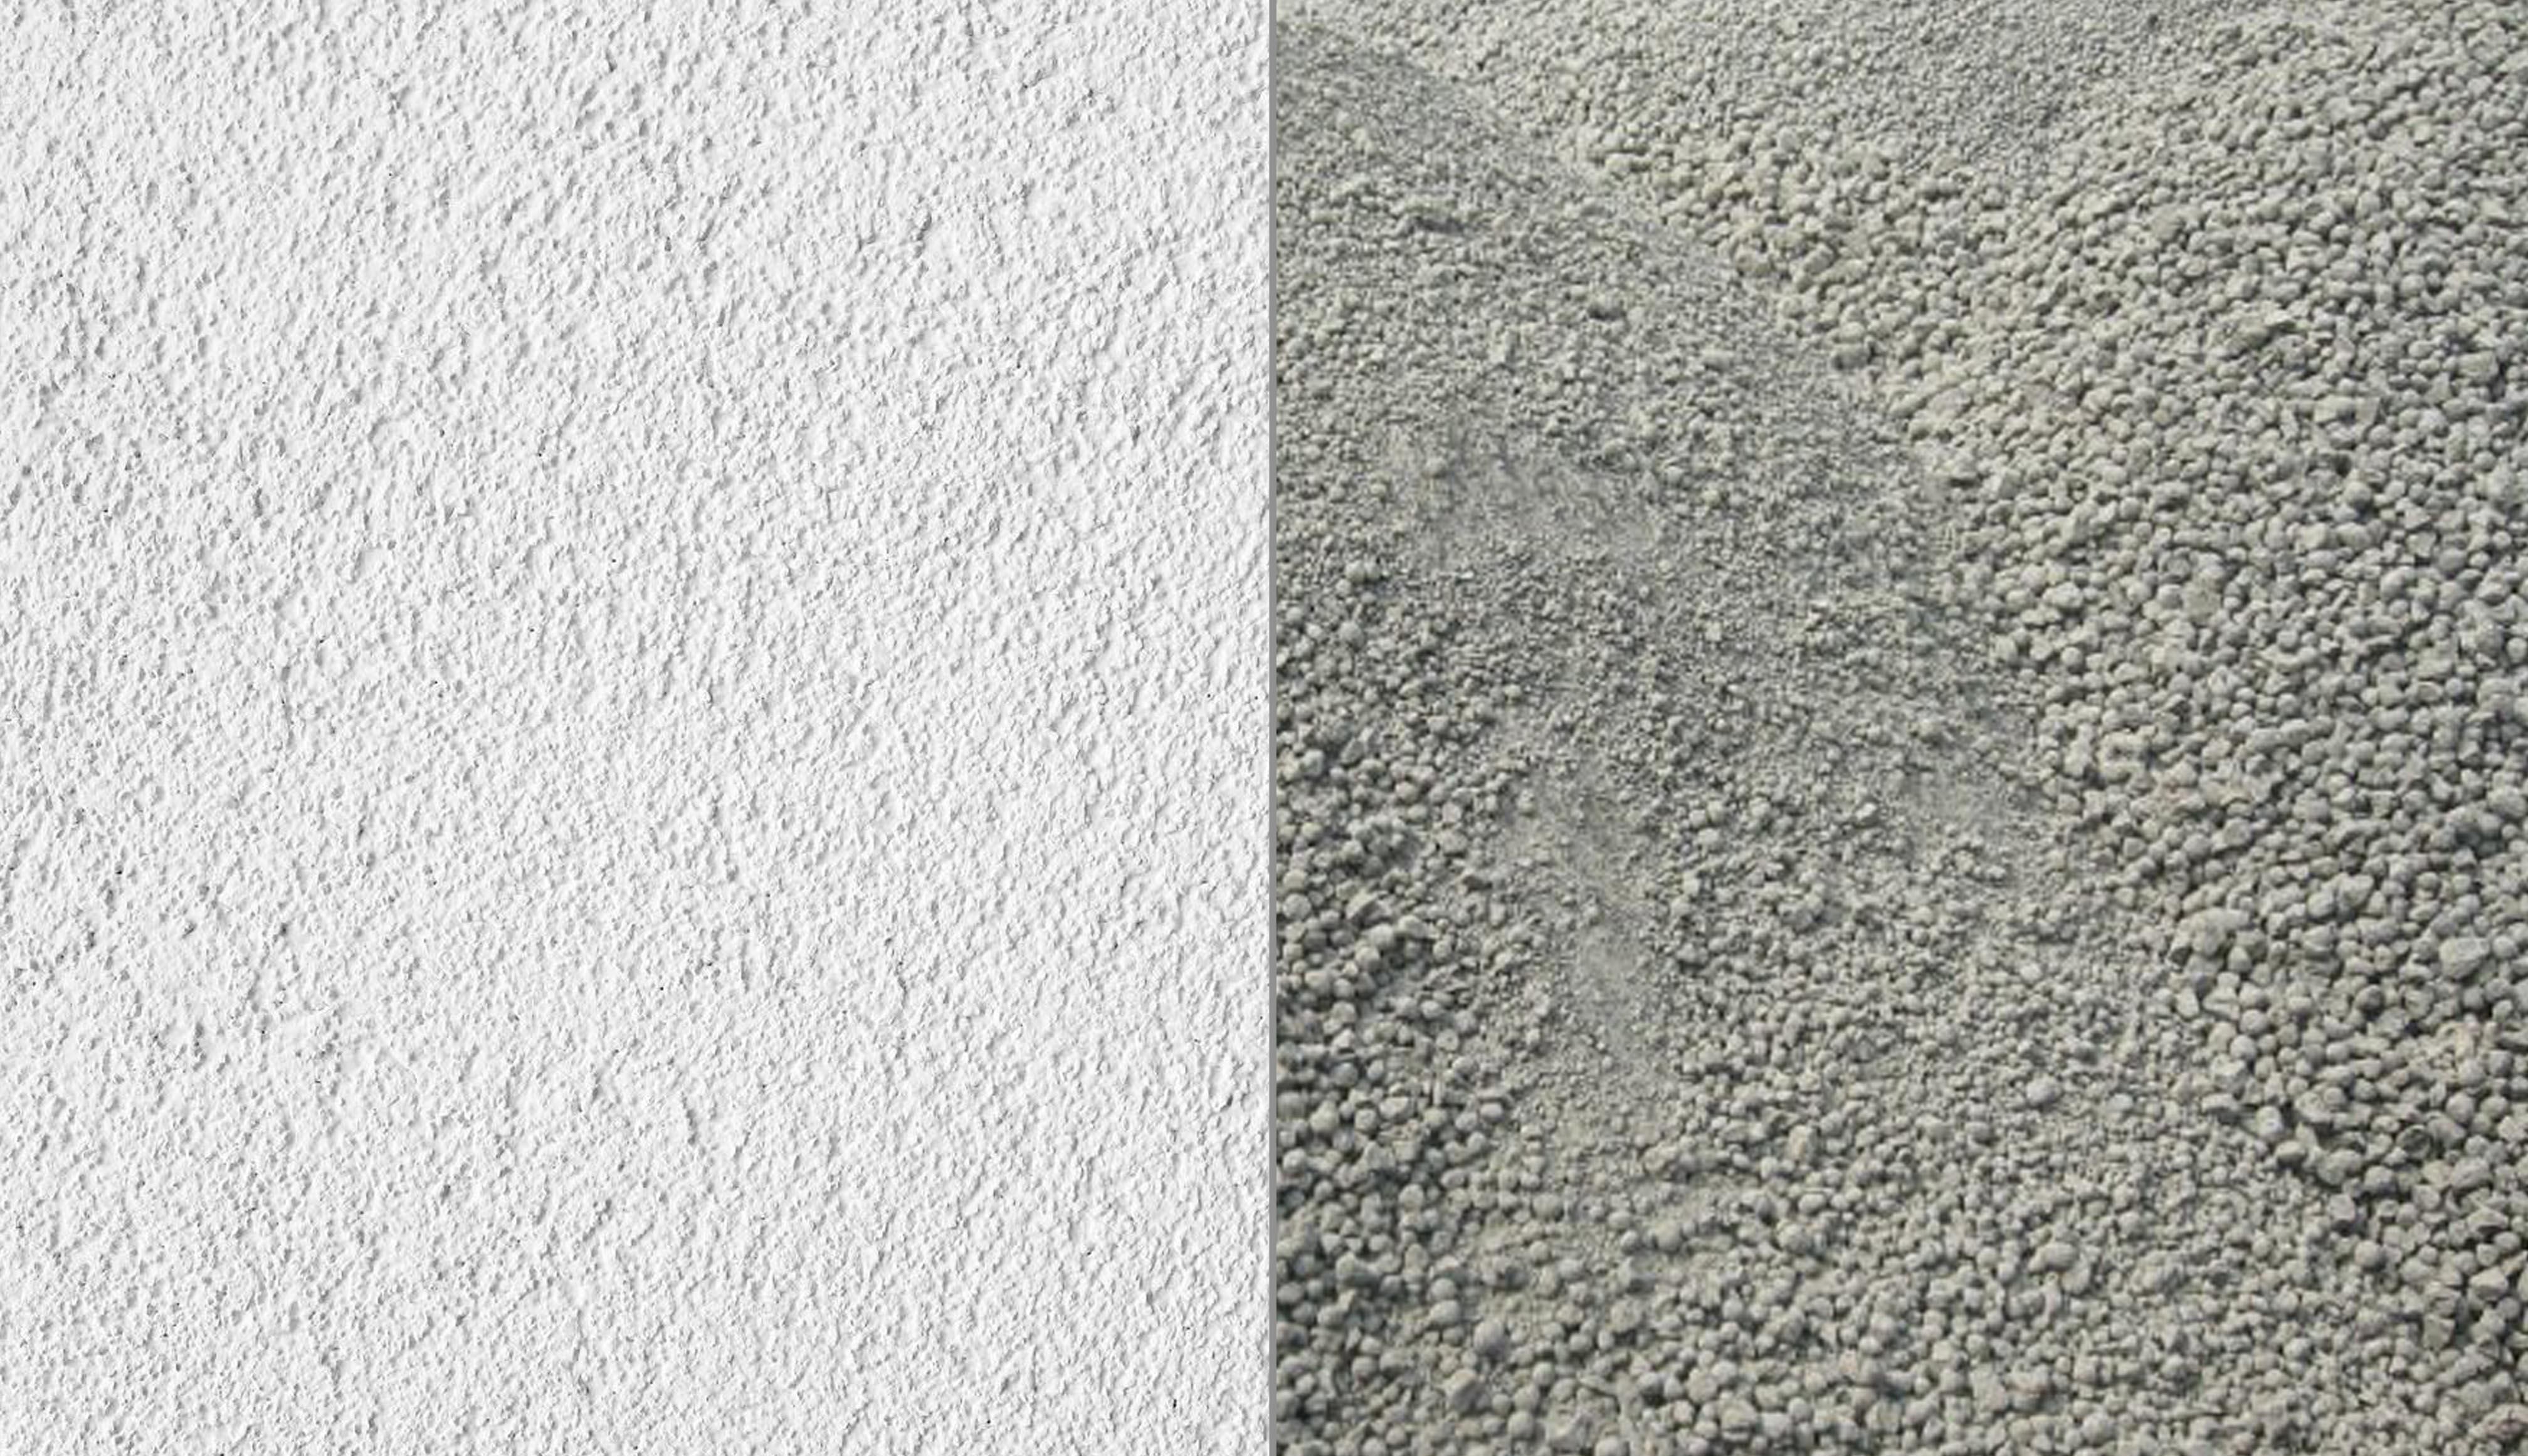 CIMENTOS brancos e cinzentos